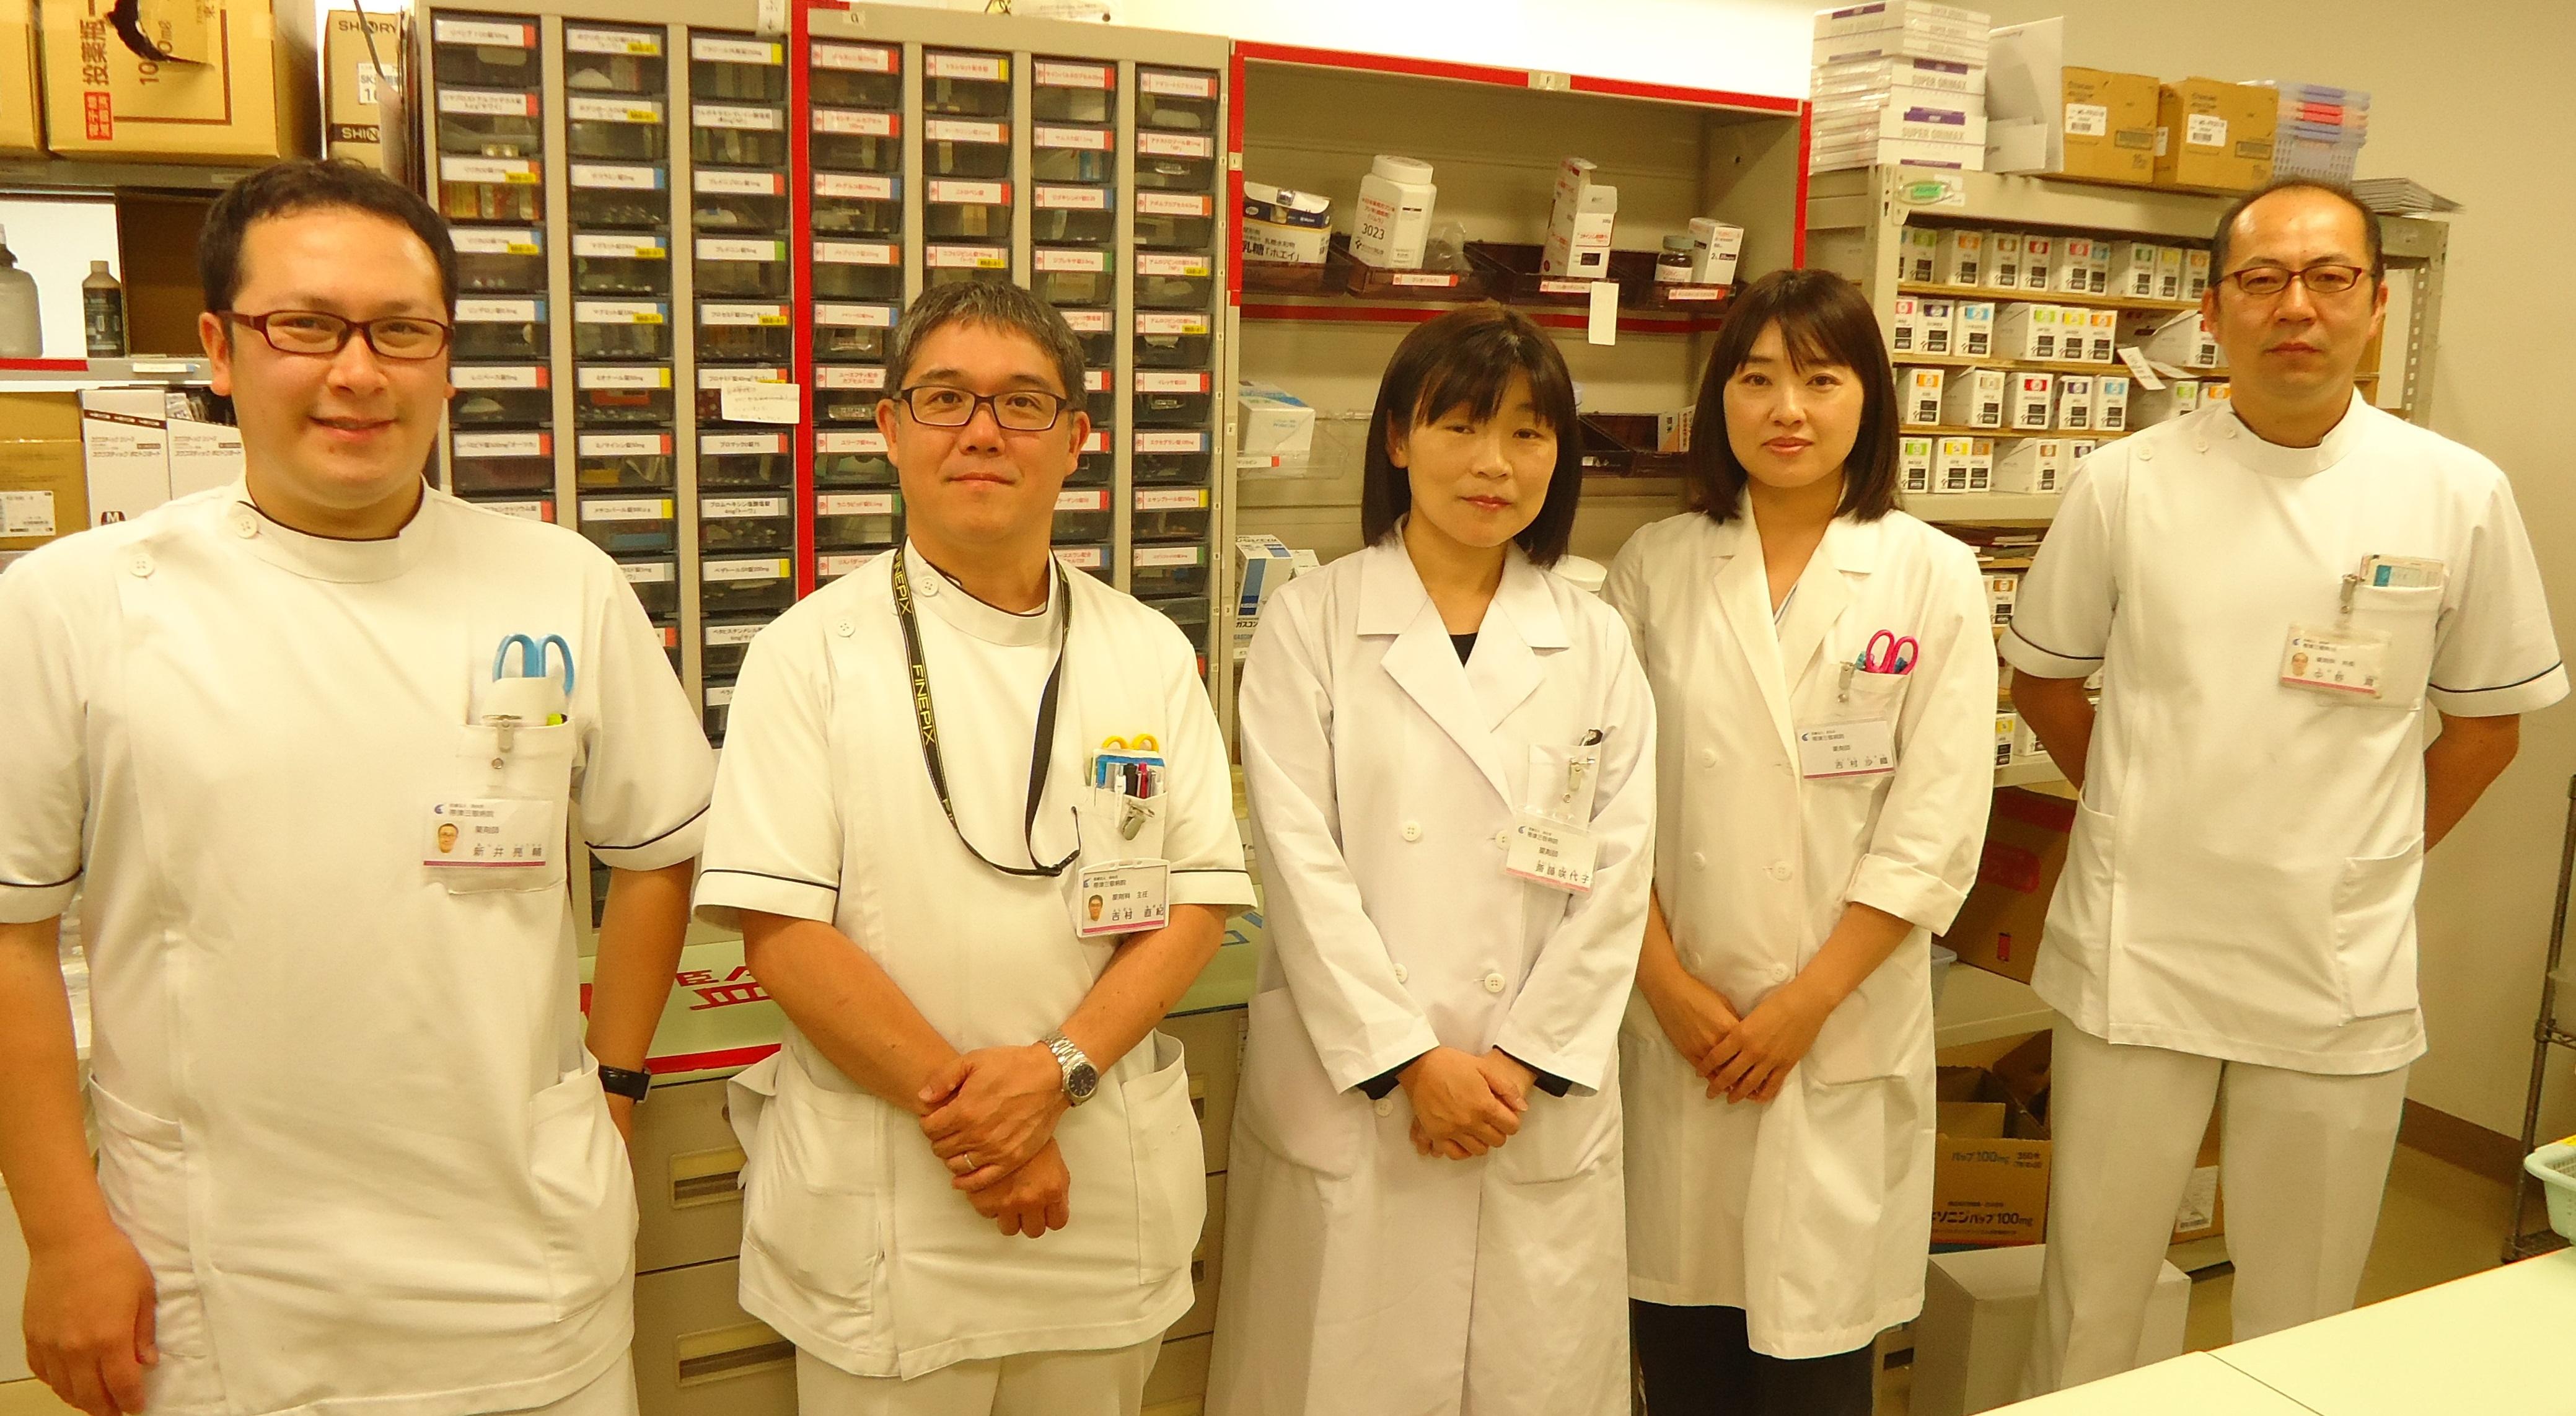 薬剤科 | 帯津三敬病院